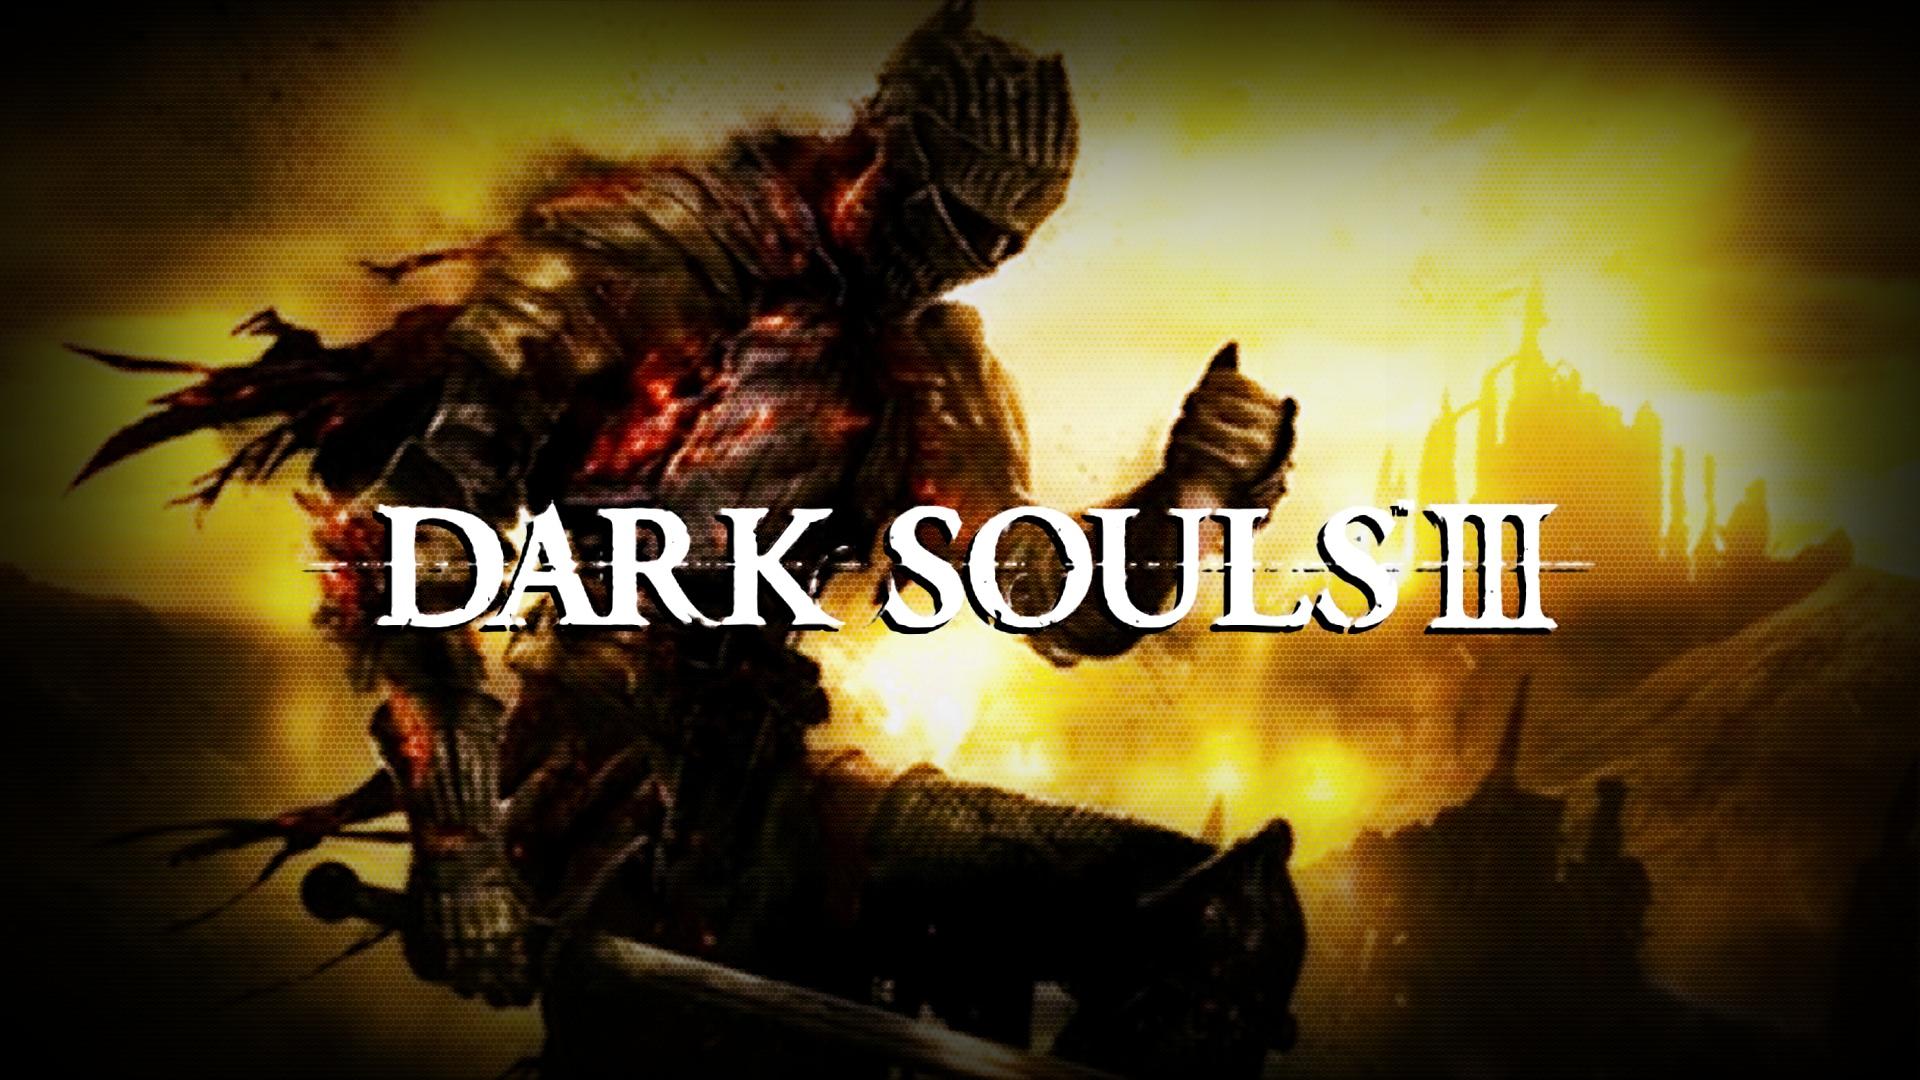 Dark Souls 3 sar giocabile alla Gamescom 2015 1920x1080